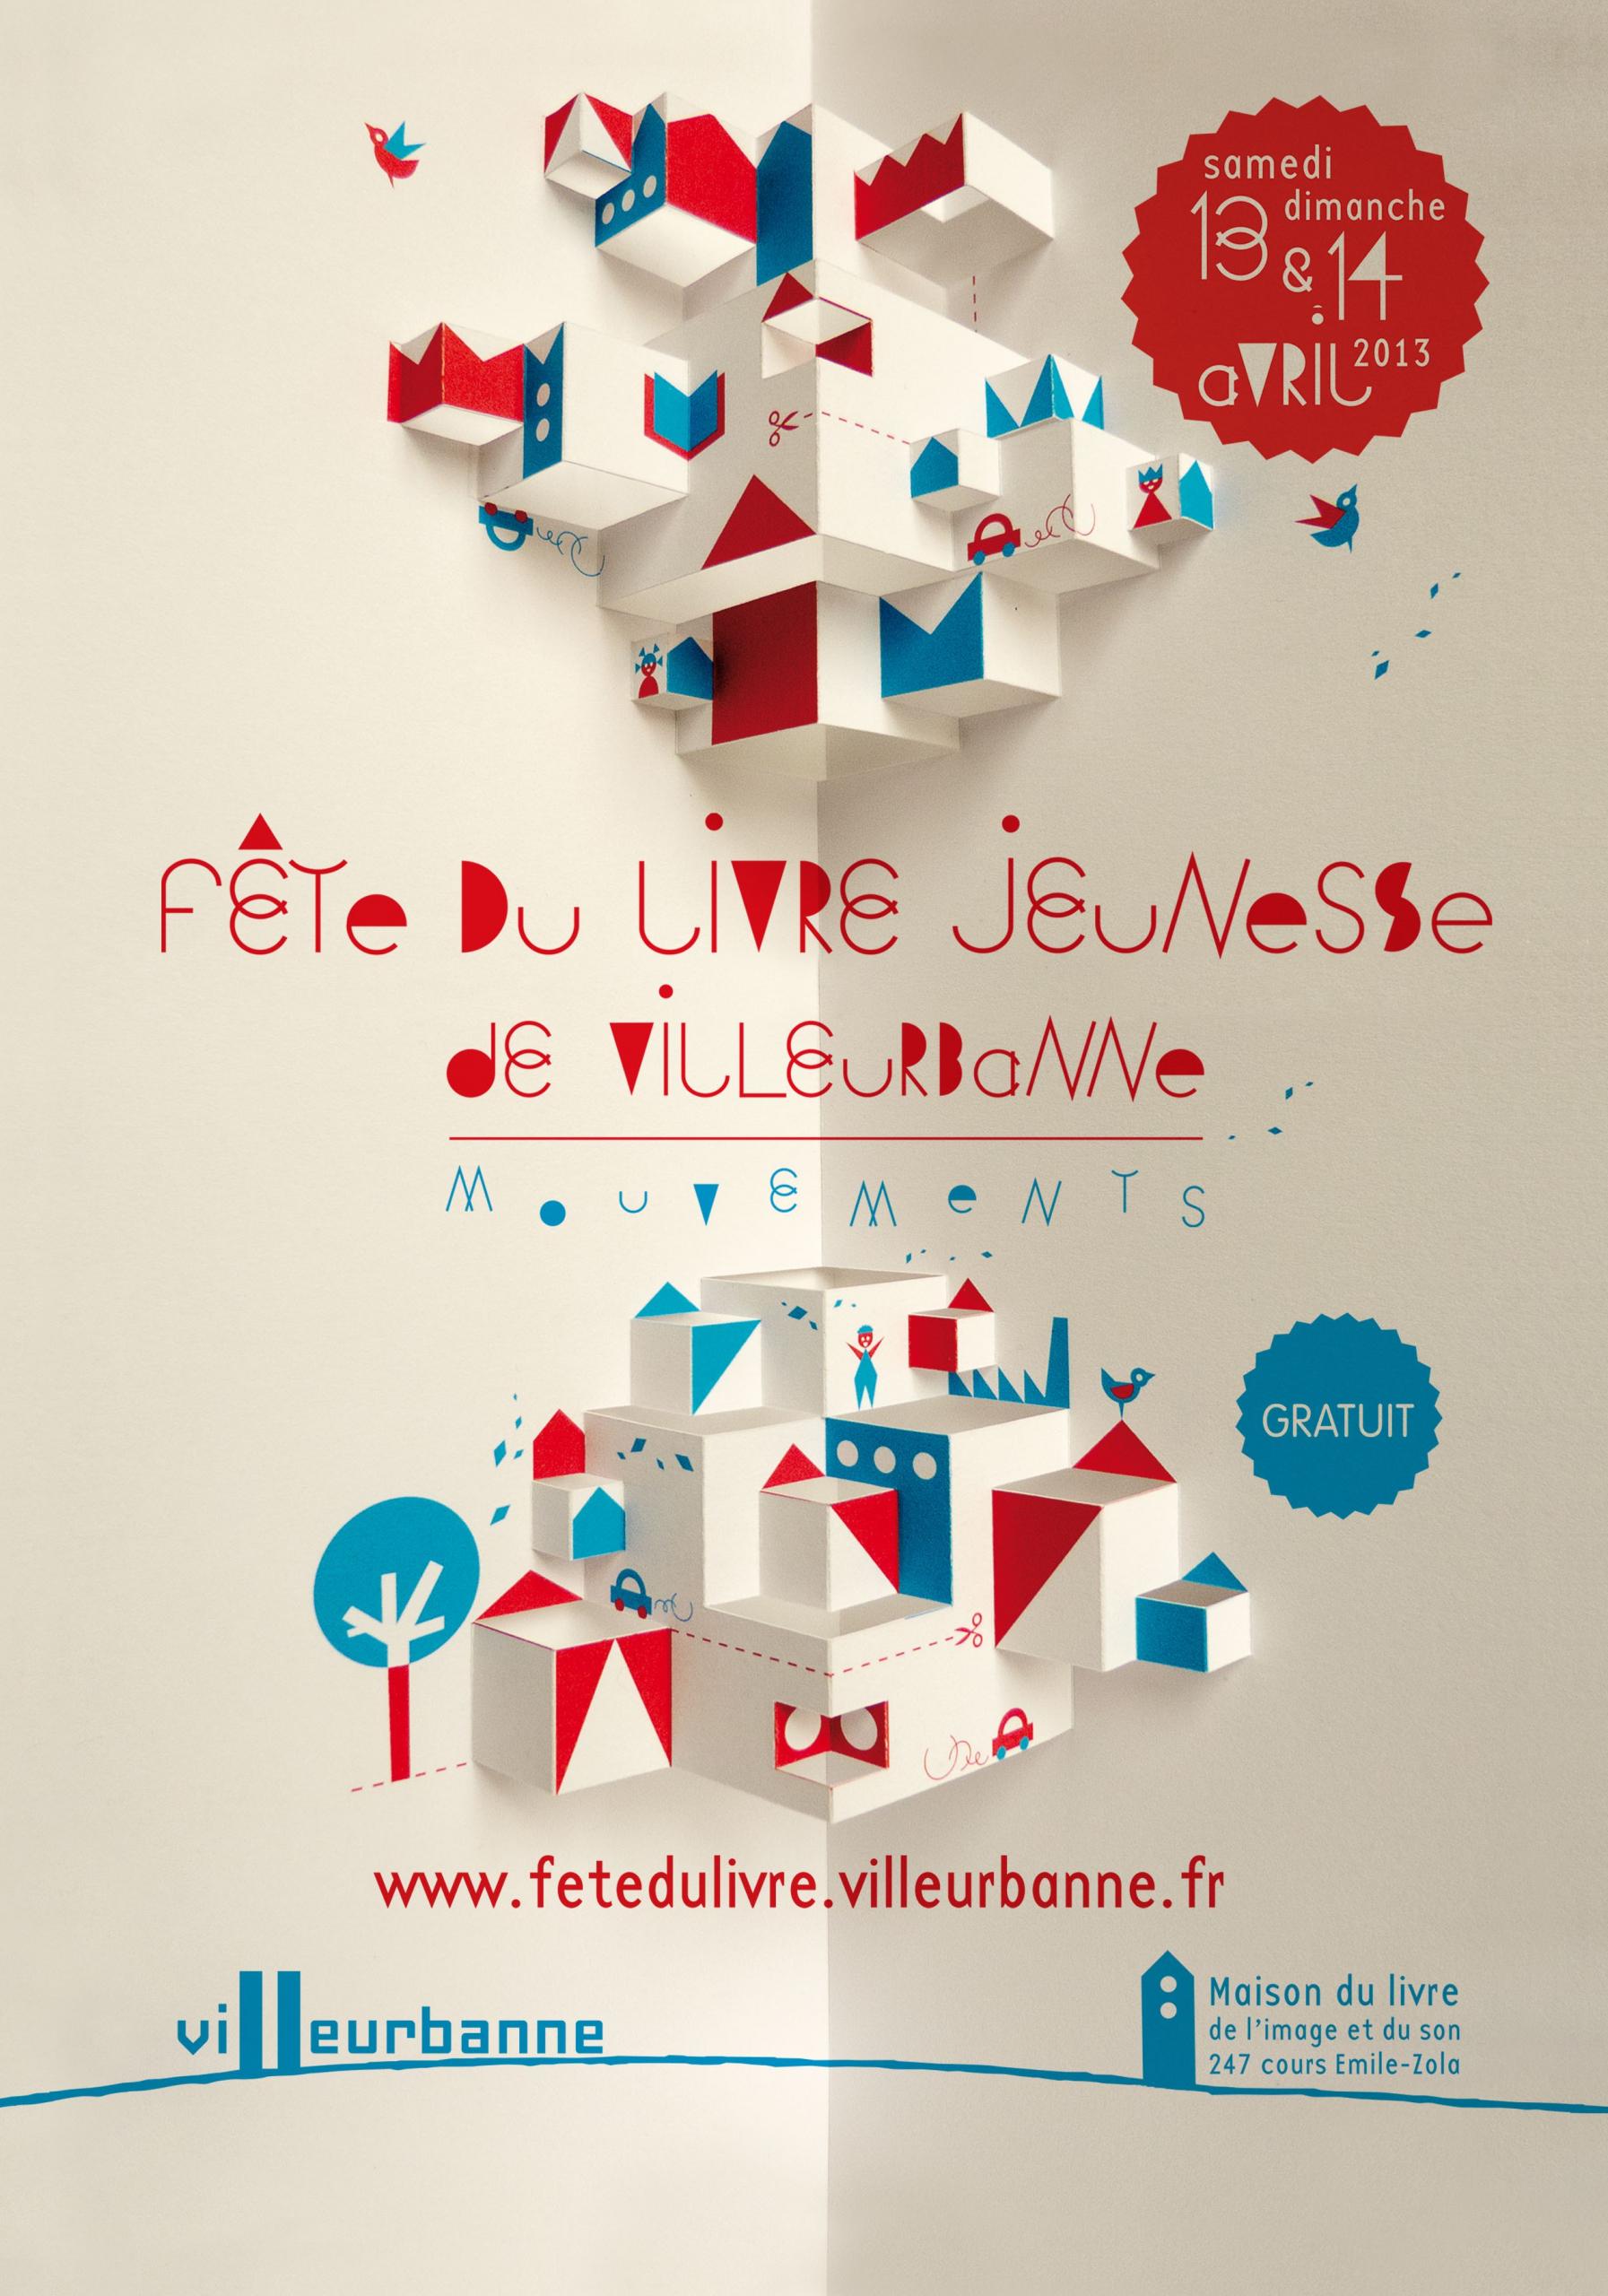 visuel_fete_du_livre_villleurbanne.jpg